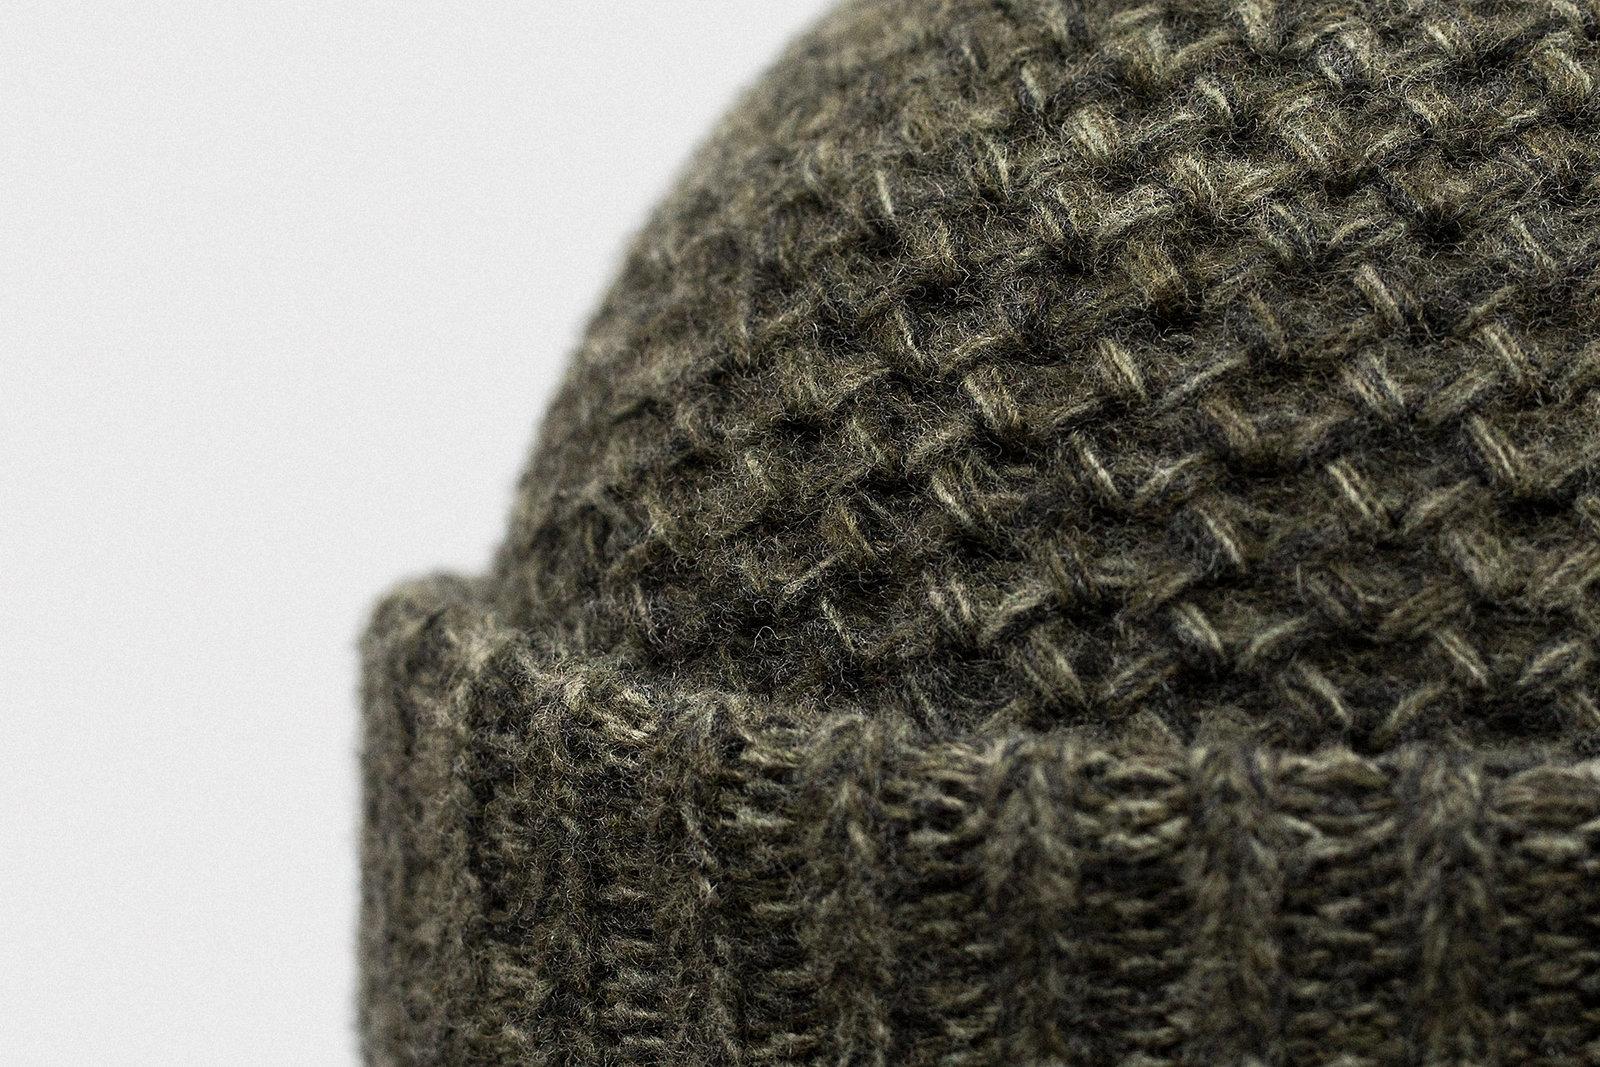 watch-cap-geelong-wool-conifer-green-5@2x.jpg